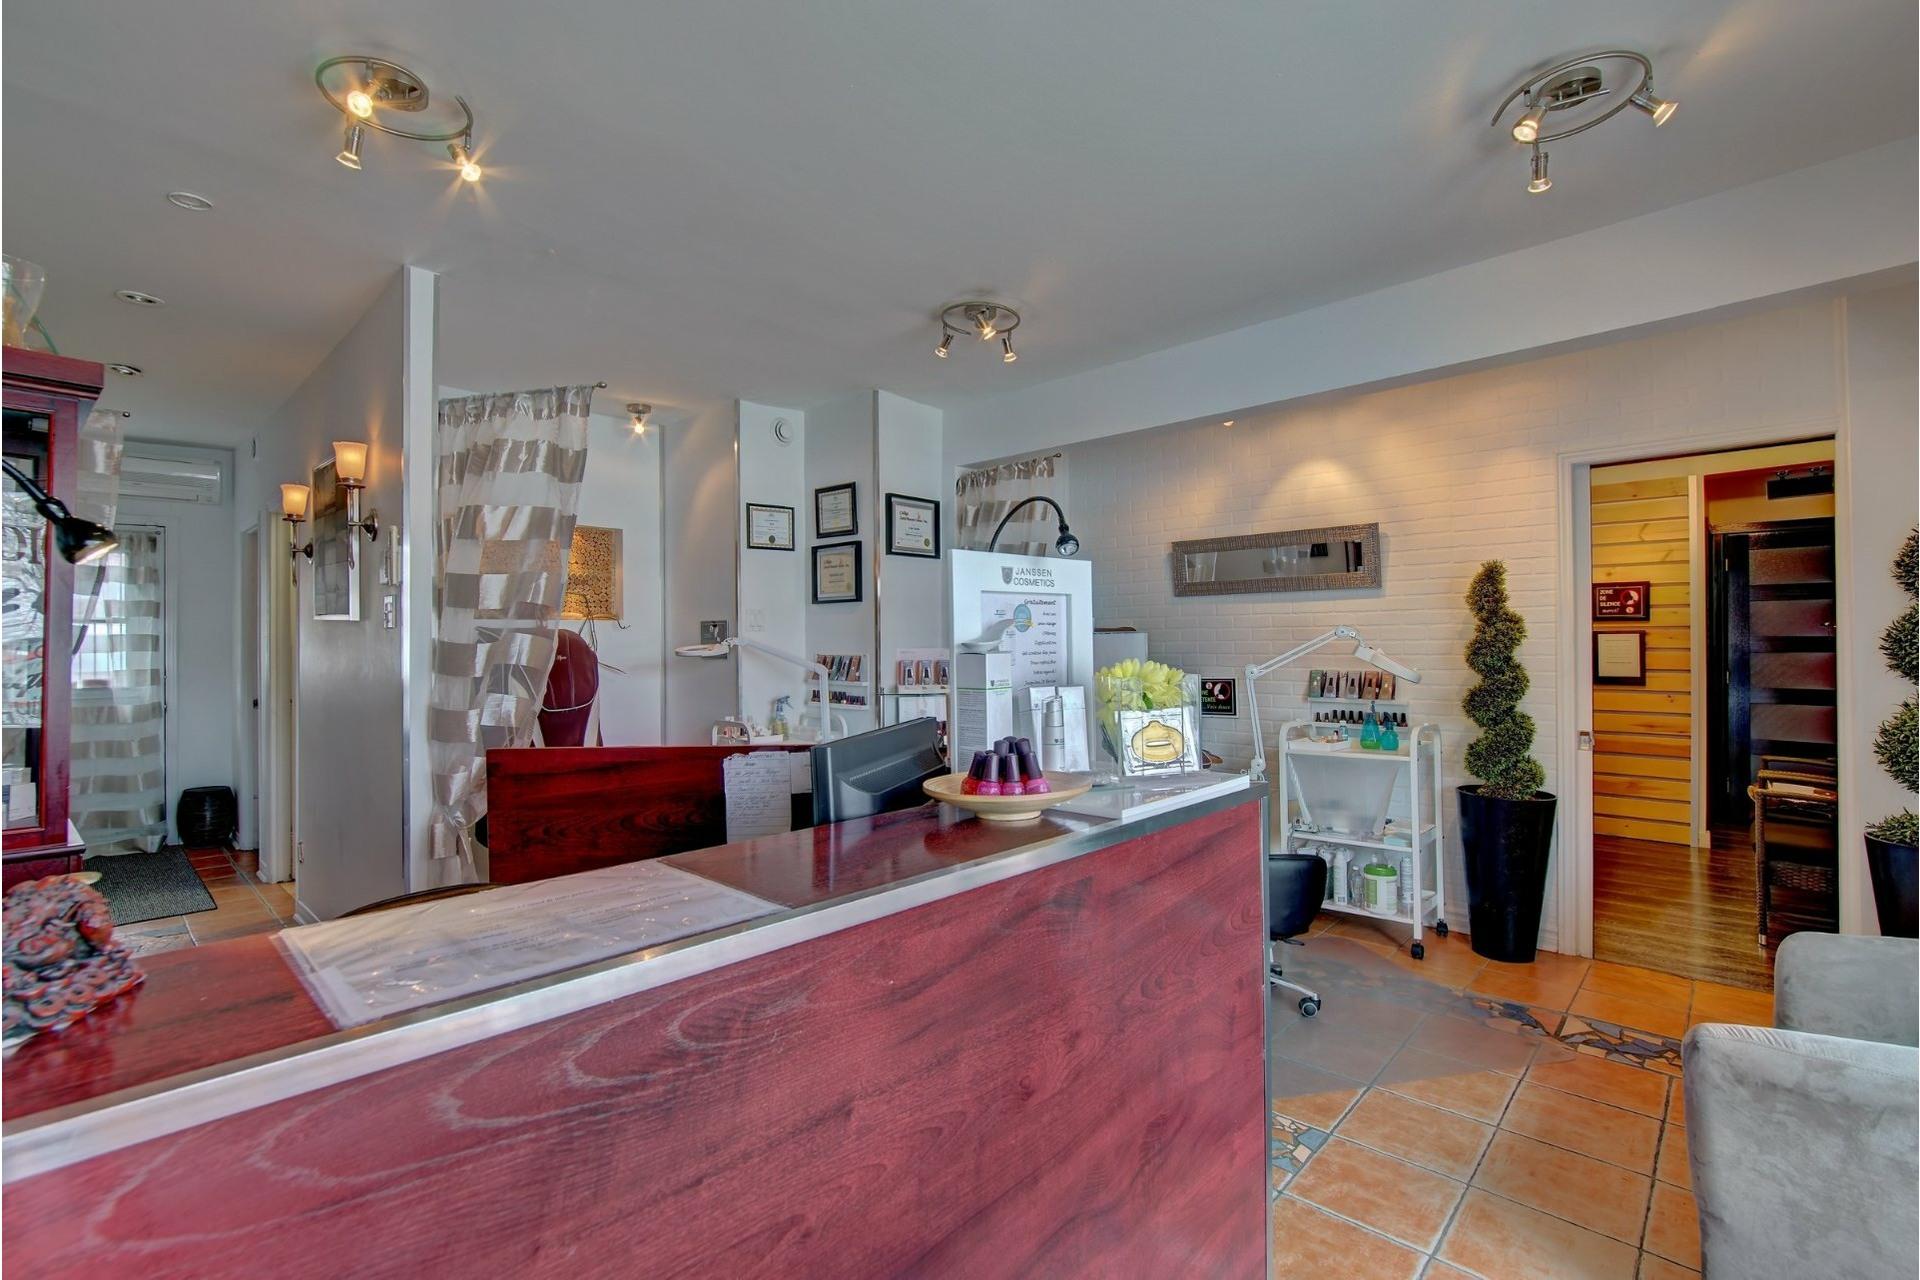 image 23 - Quadruplex For sale Rivière-des-Prairies/Pointe-aux-Trembles Montréal  - 4 rooms